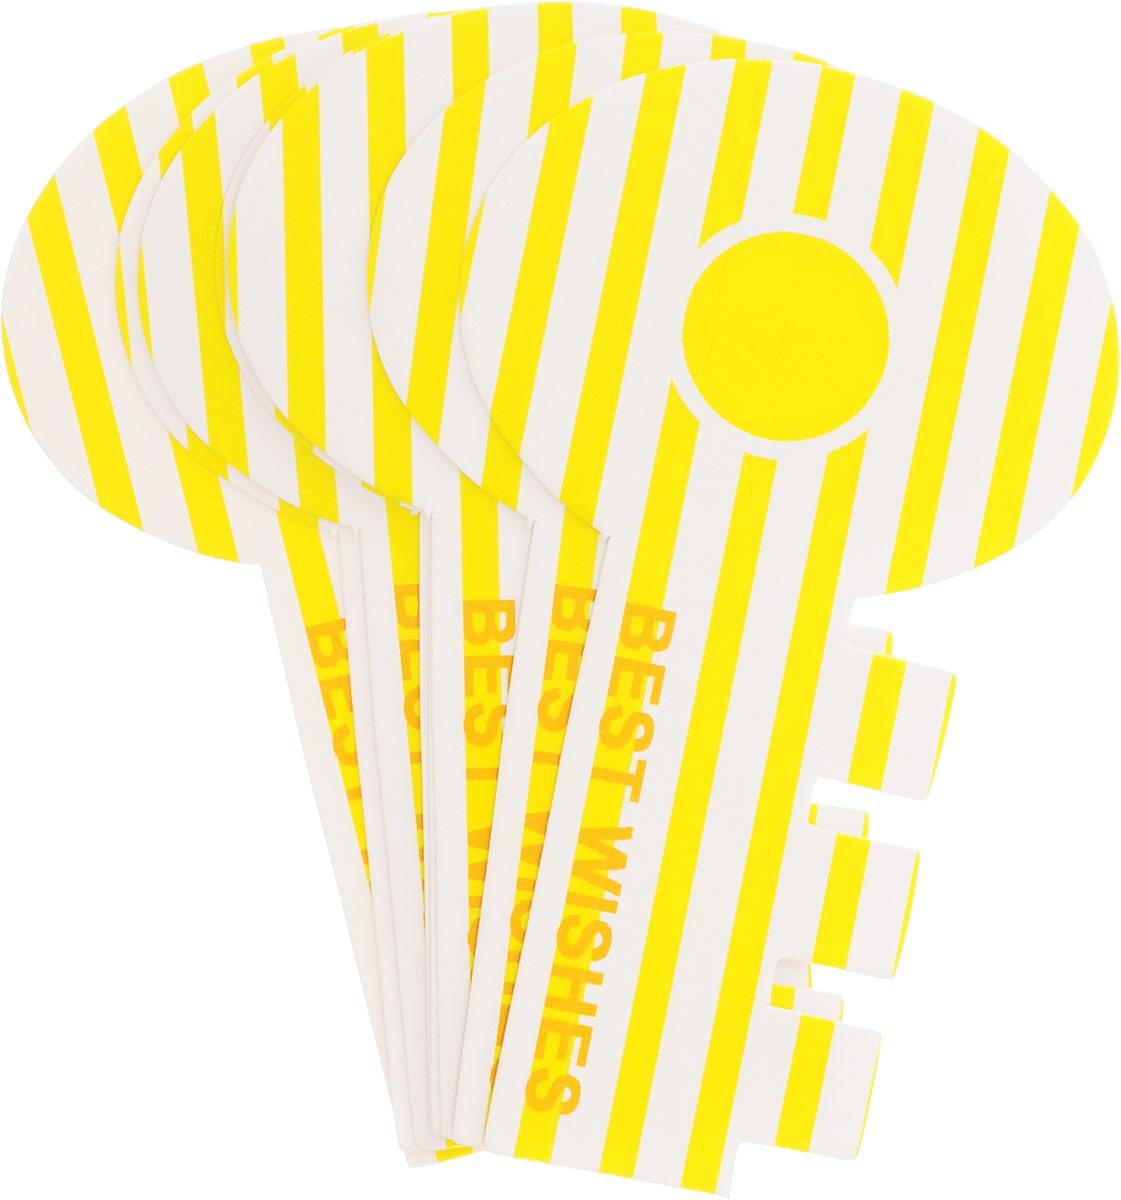 Карамба Закладки Ключ цвет желтый 8 шт4028_прямая линия, желтыйНабор Карамба Ключ включает 8 бумажных закладок, выполненных в виде ключа. Оригинальные закладки позволят выделить нужную страницу.